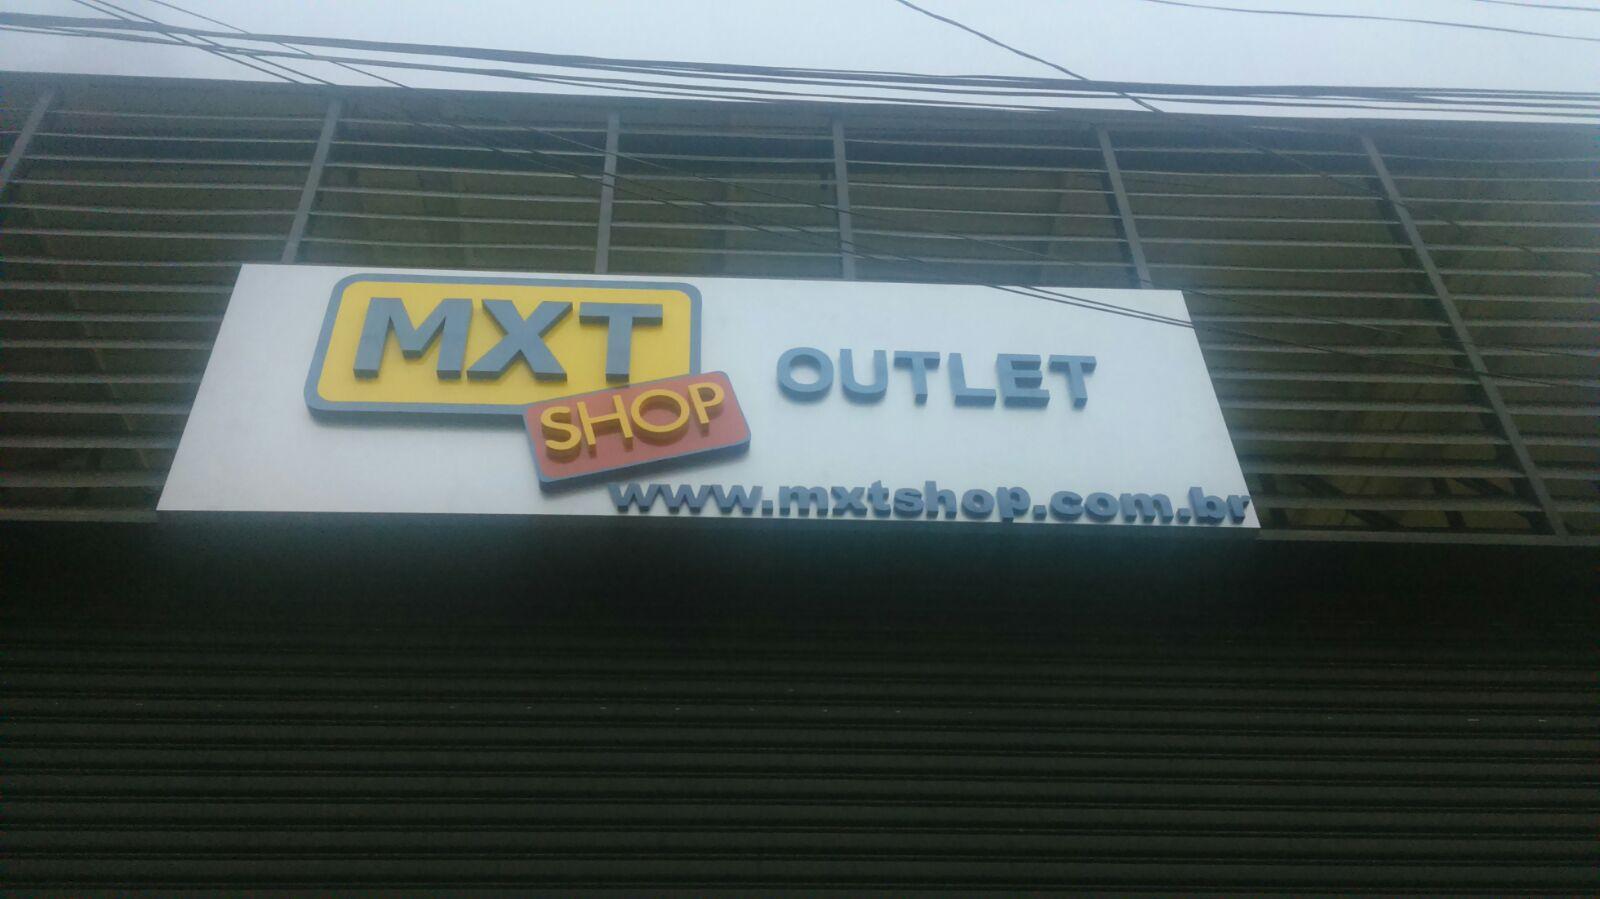 MXT Shop Outlet